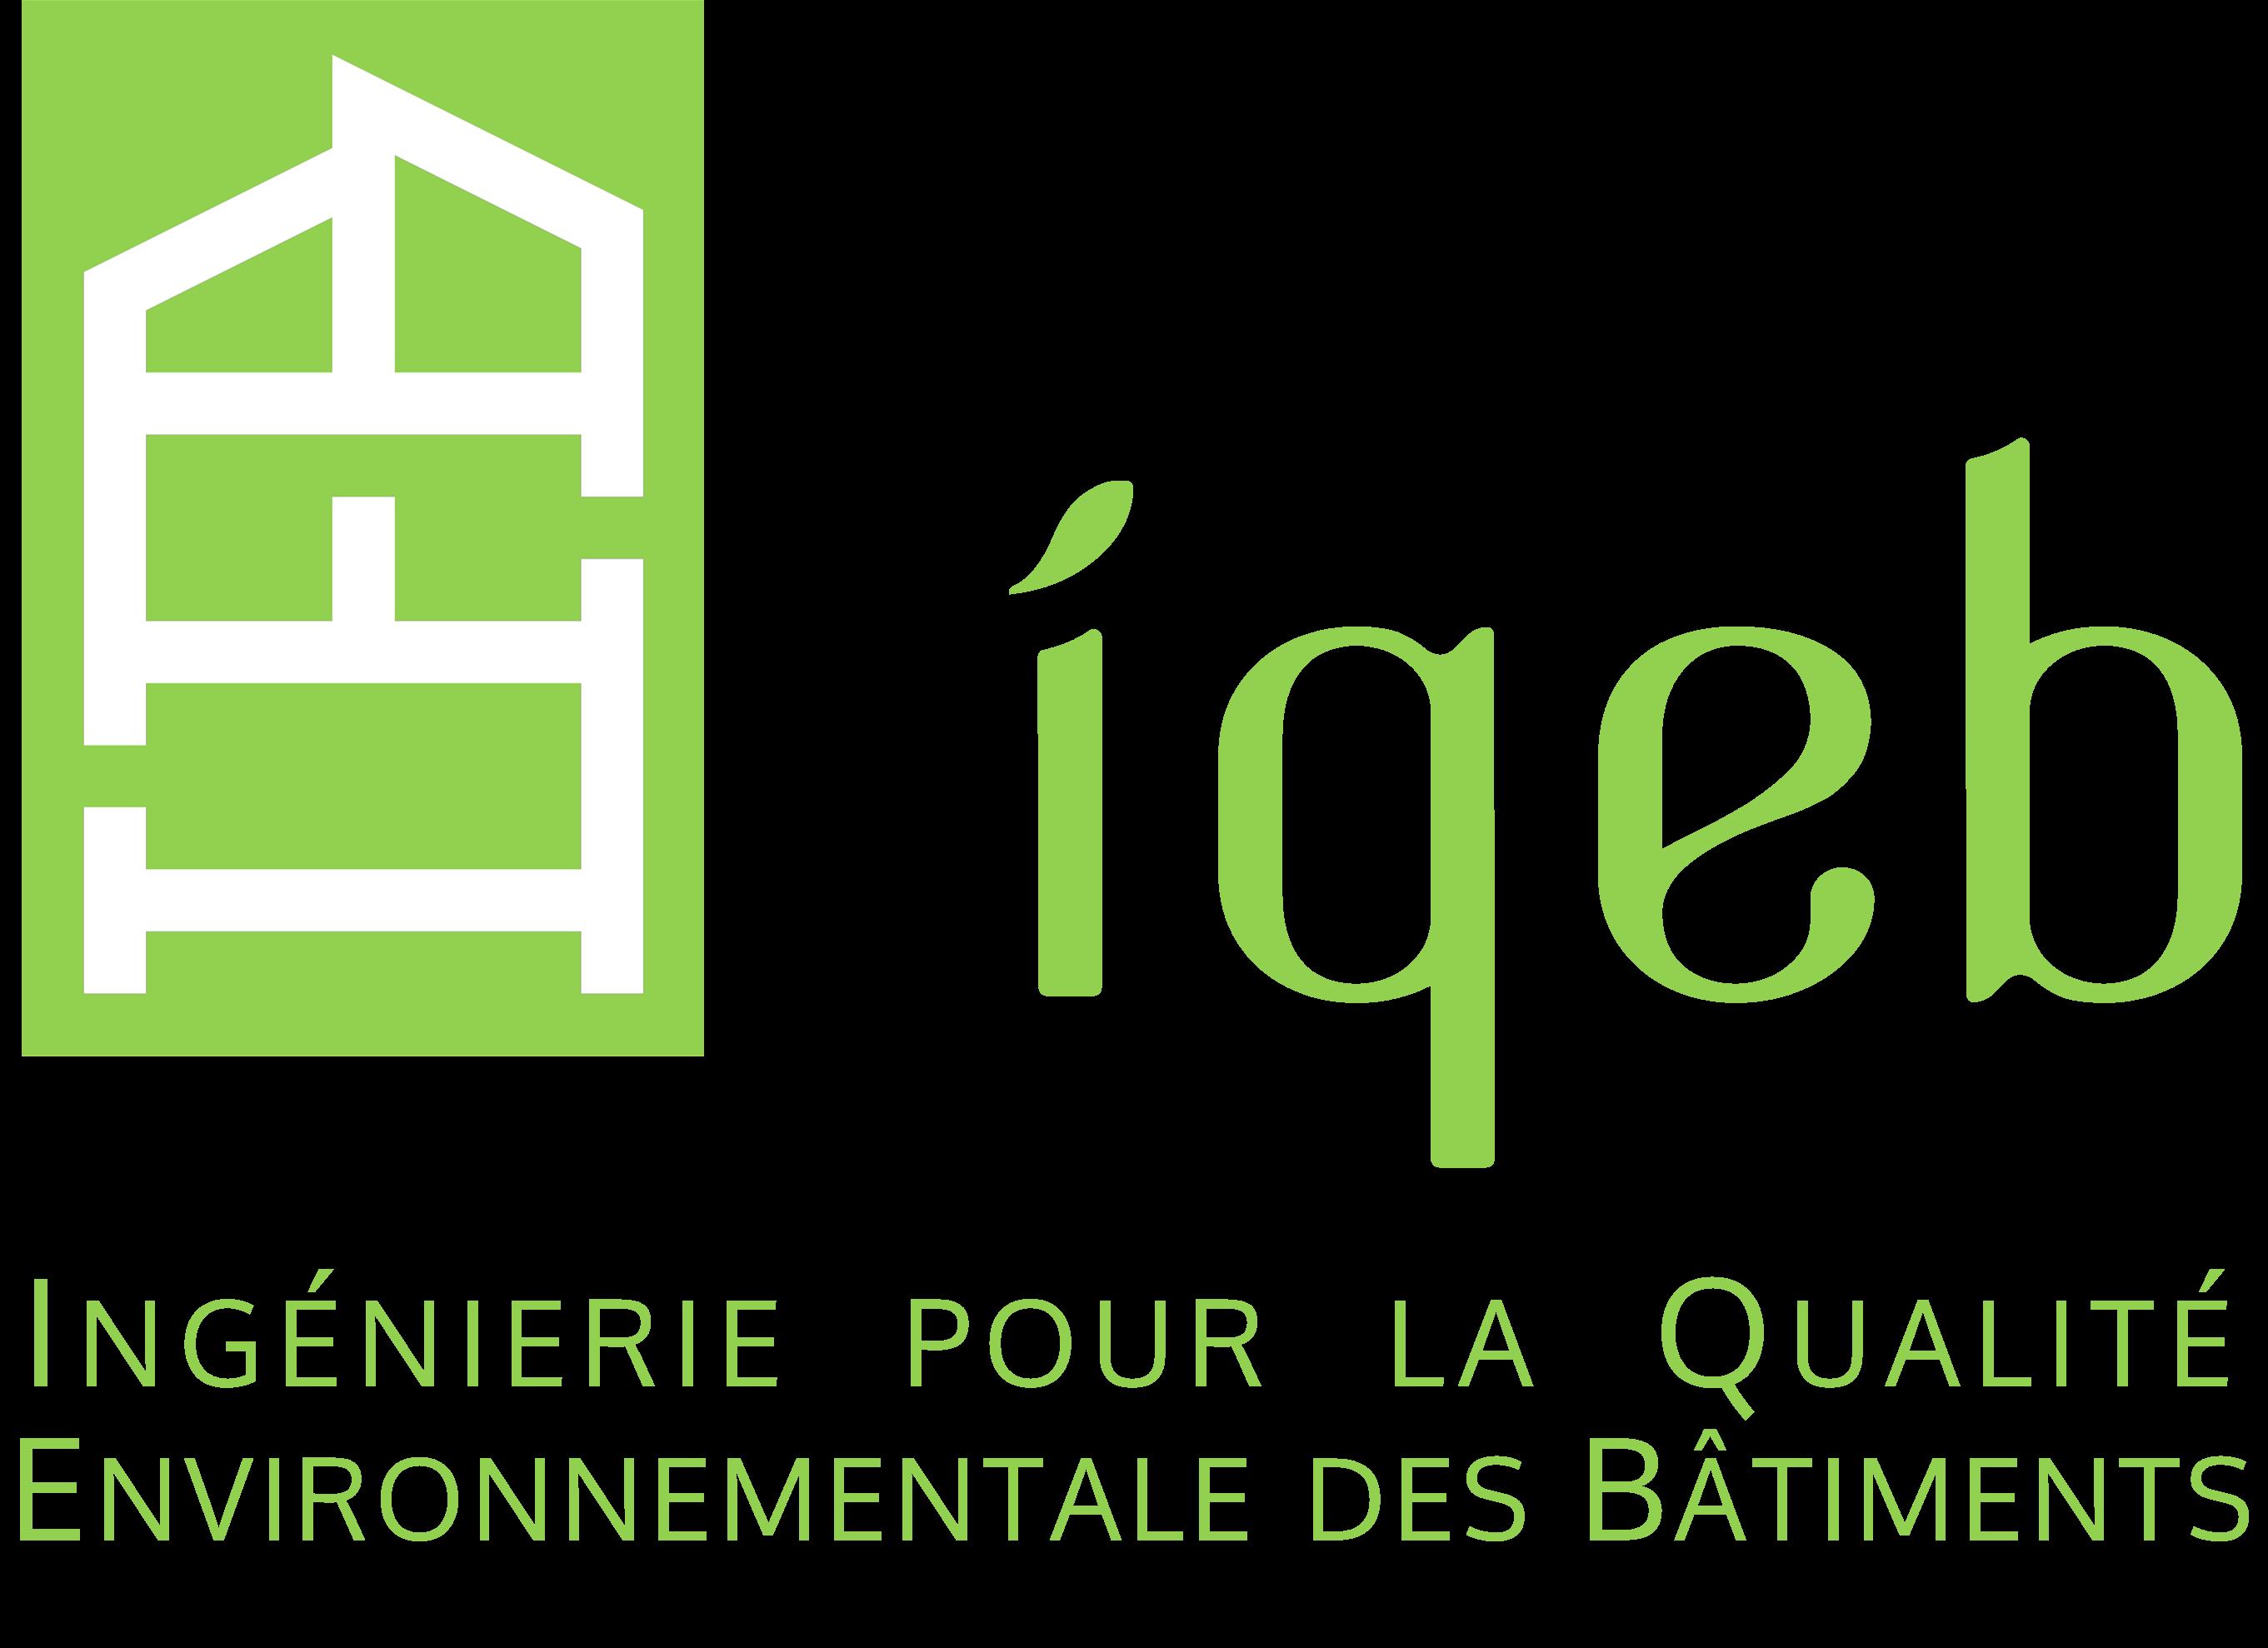 Ingénierie pour la Qualité Environnementale des Bâtiments